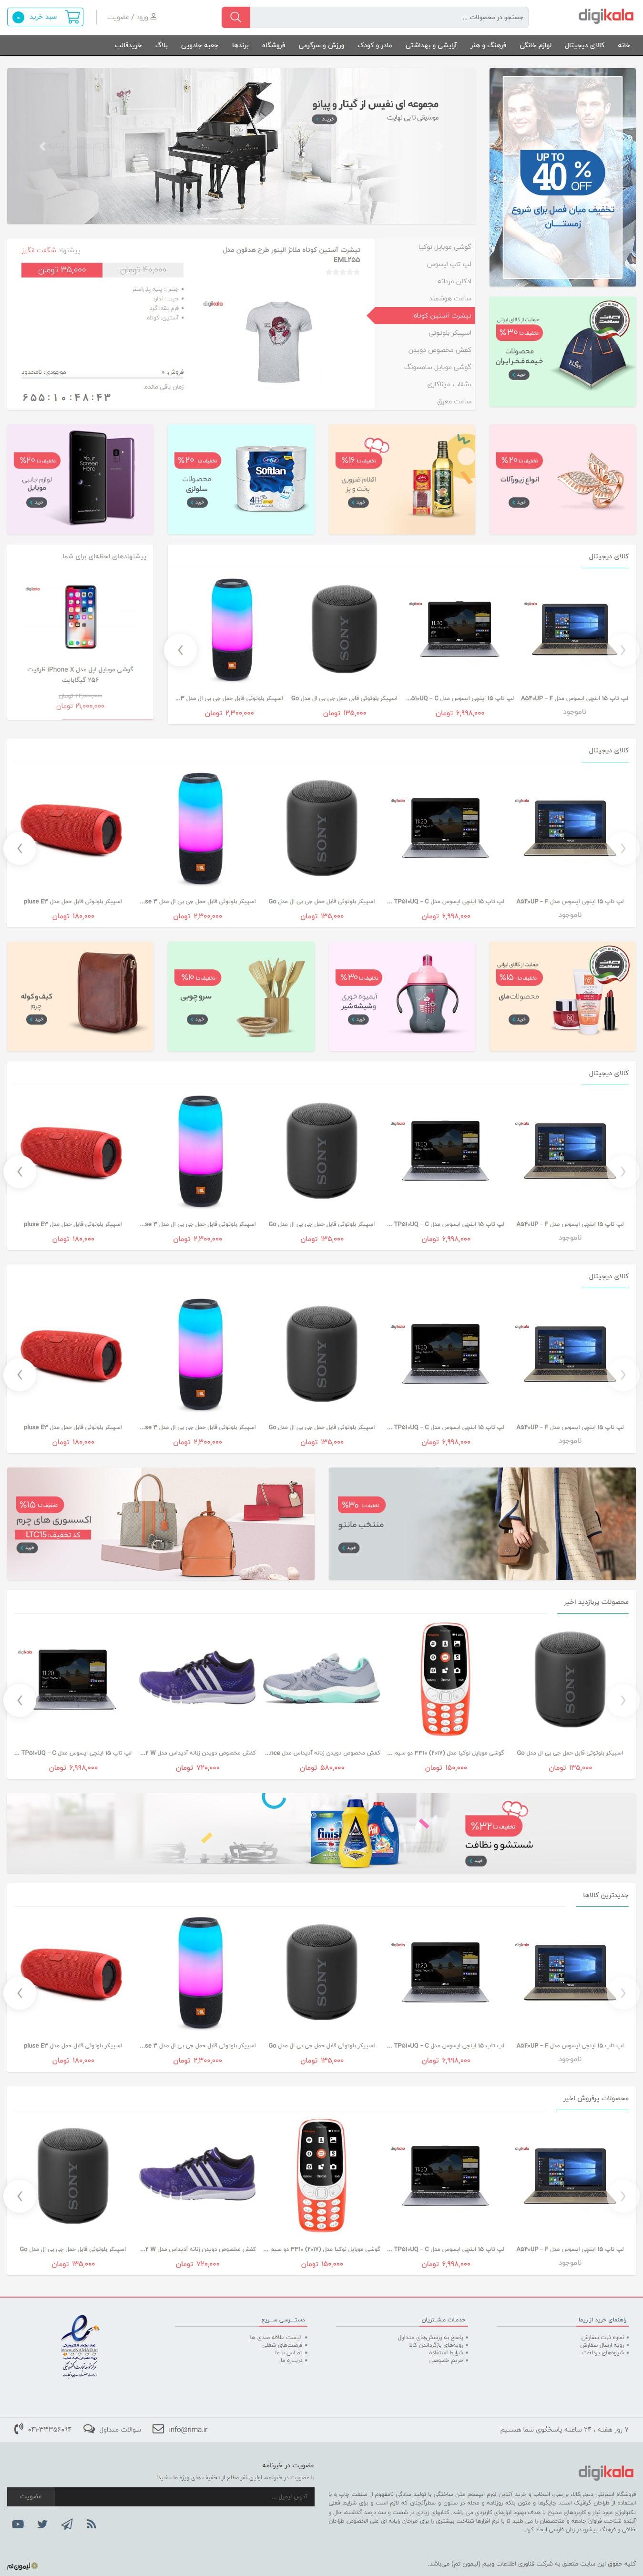 نمونه کار طراحی وب سایت فروشگاهی 2 - مشابه دیجی کالا